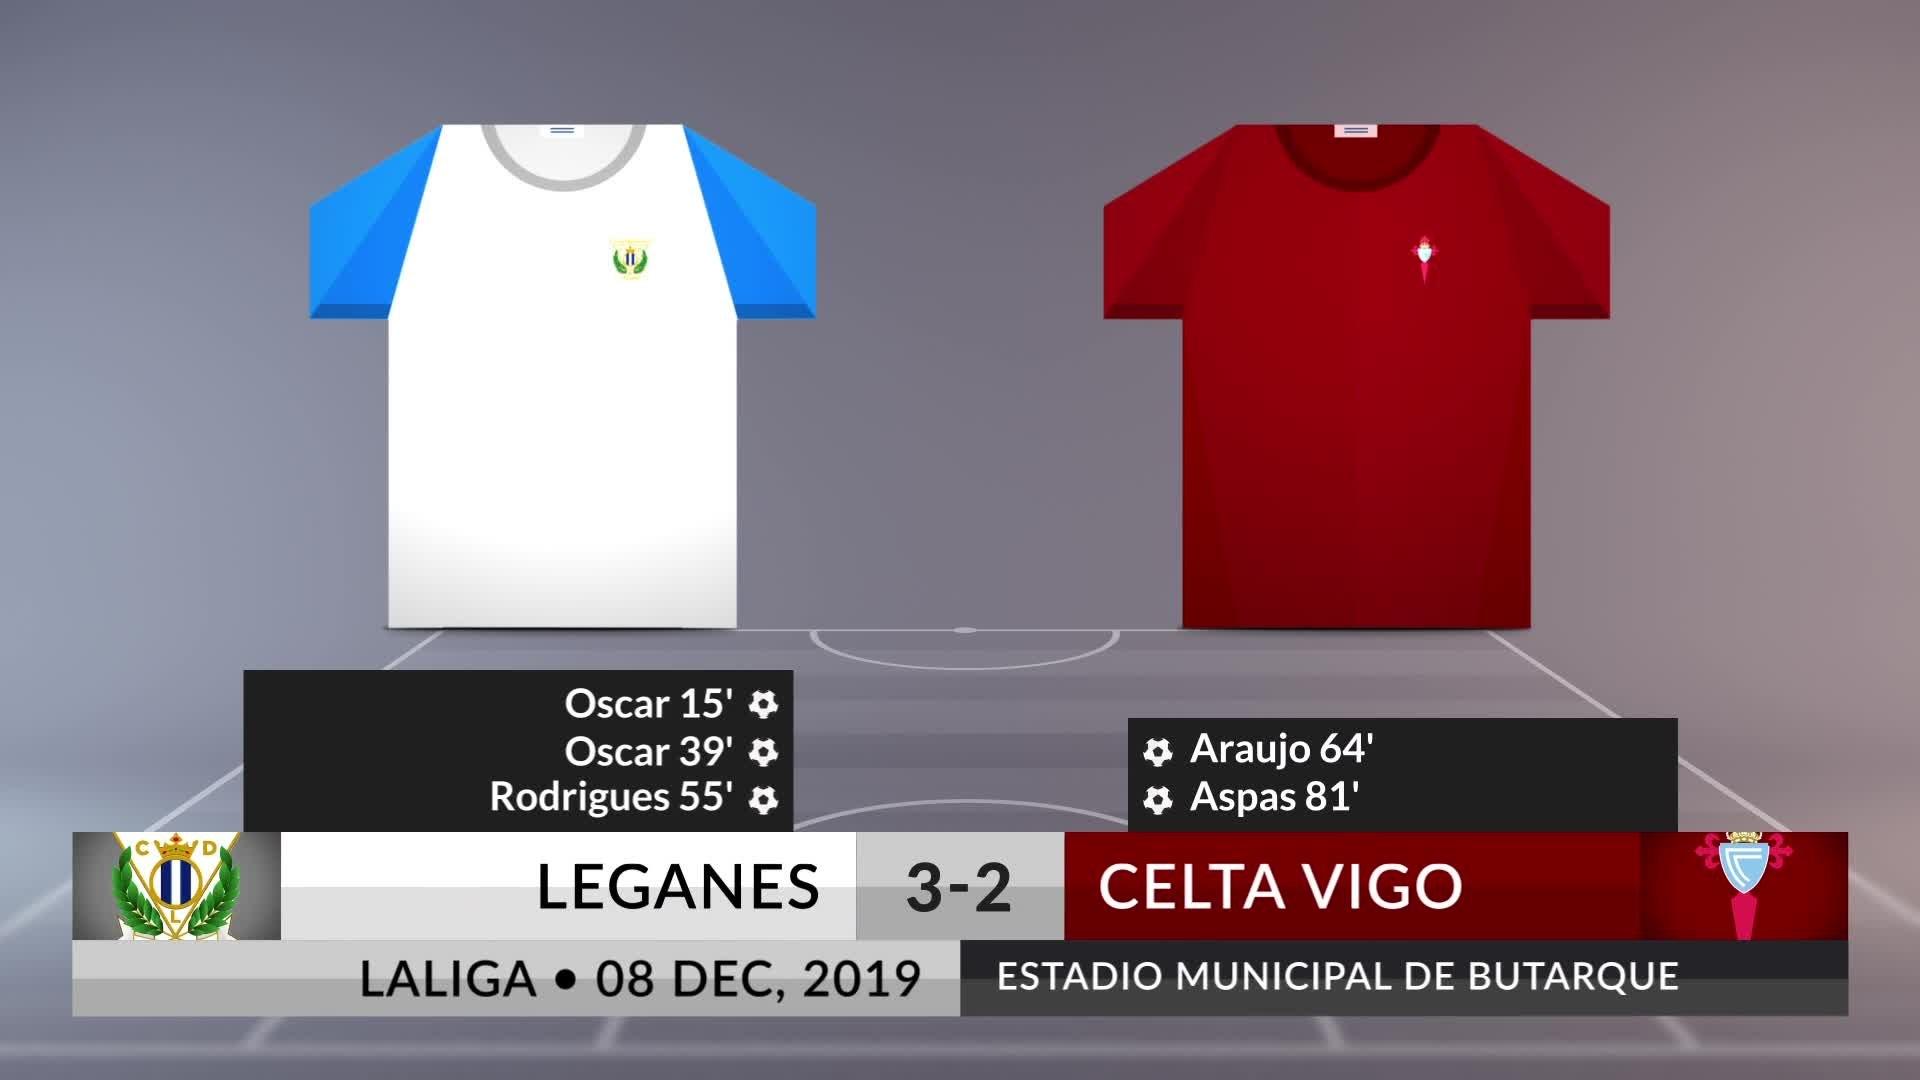 Match Review: Leganes vs Celta Vigo on 08/12/2019